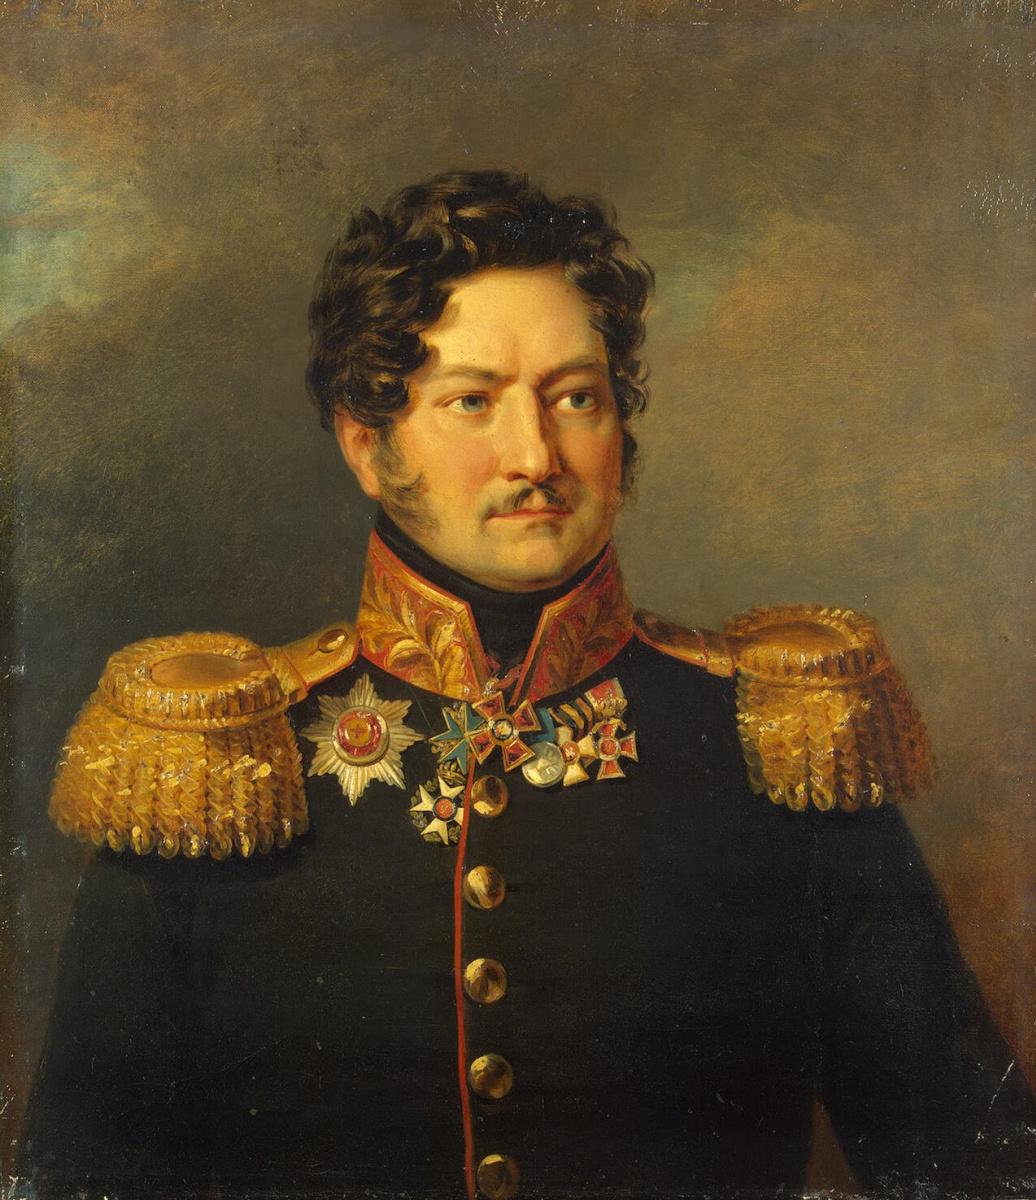 Джордж Доу. Портрет Дмитрия Львовича Игнатьева